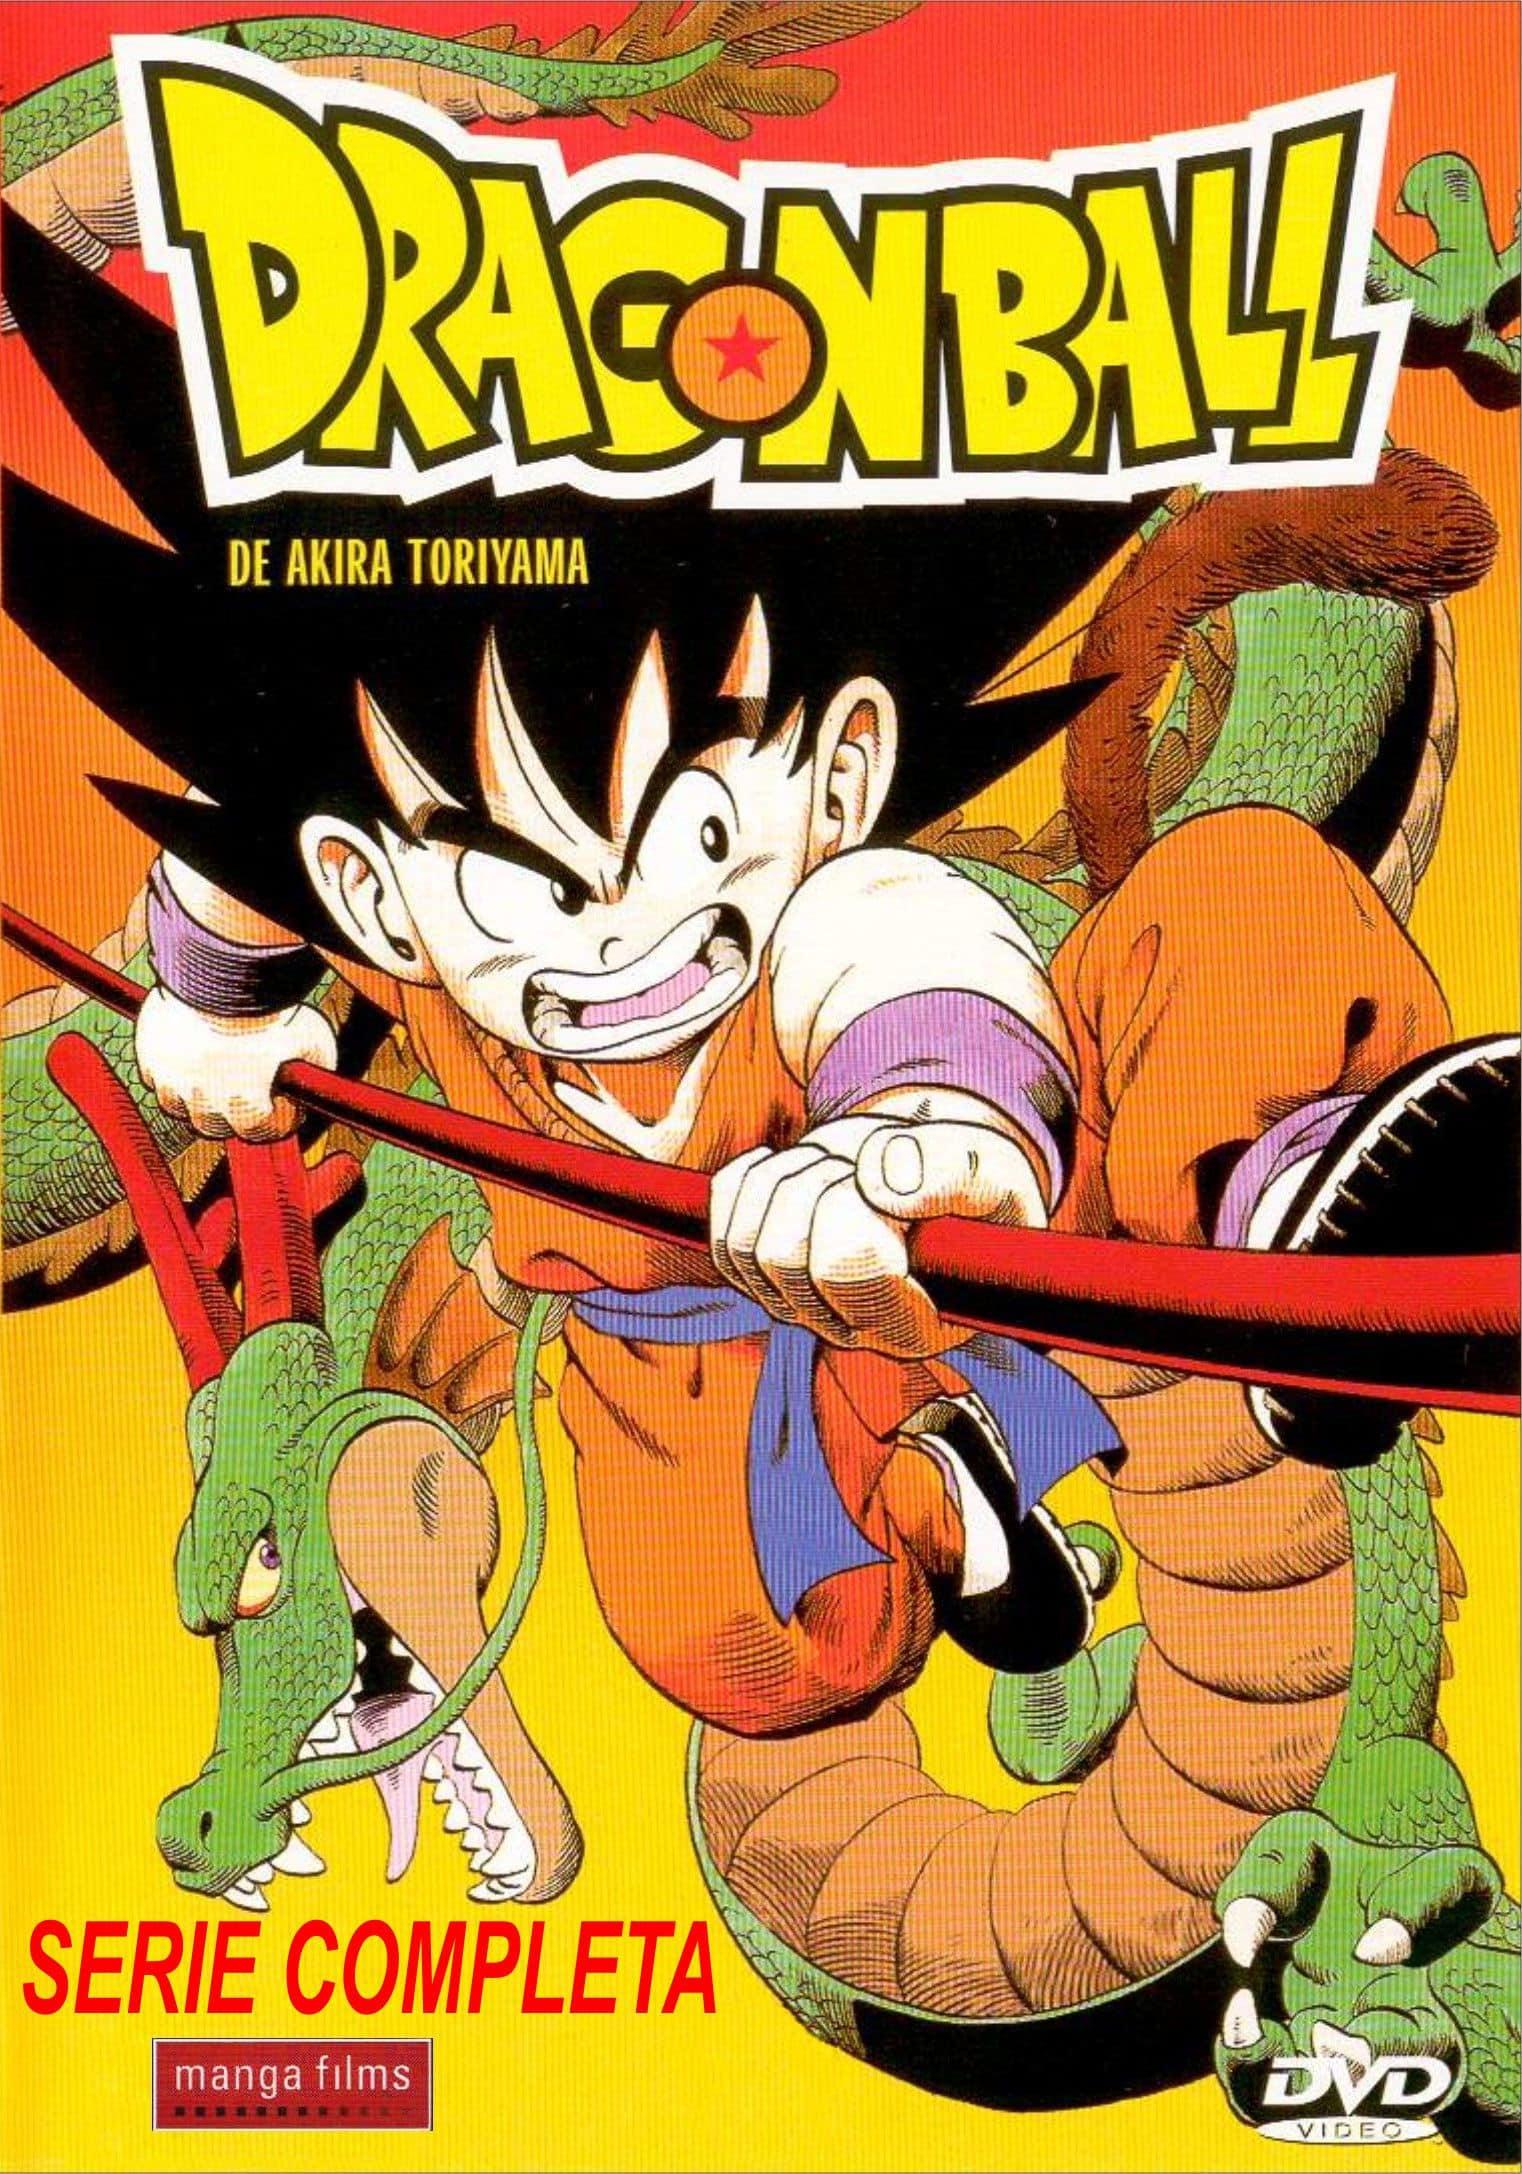 descargar serie completa de dragon ball en español latino